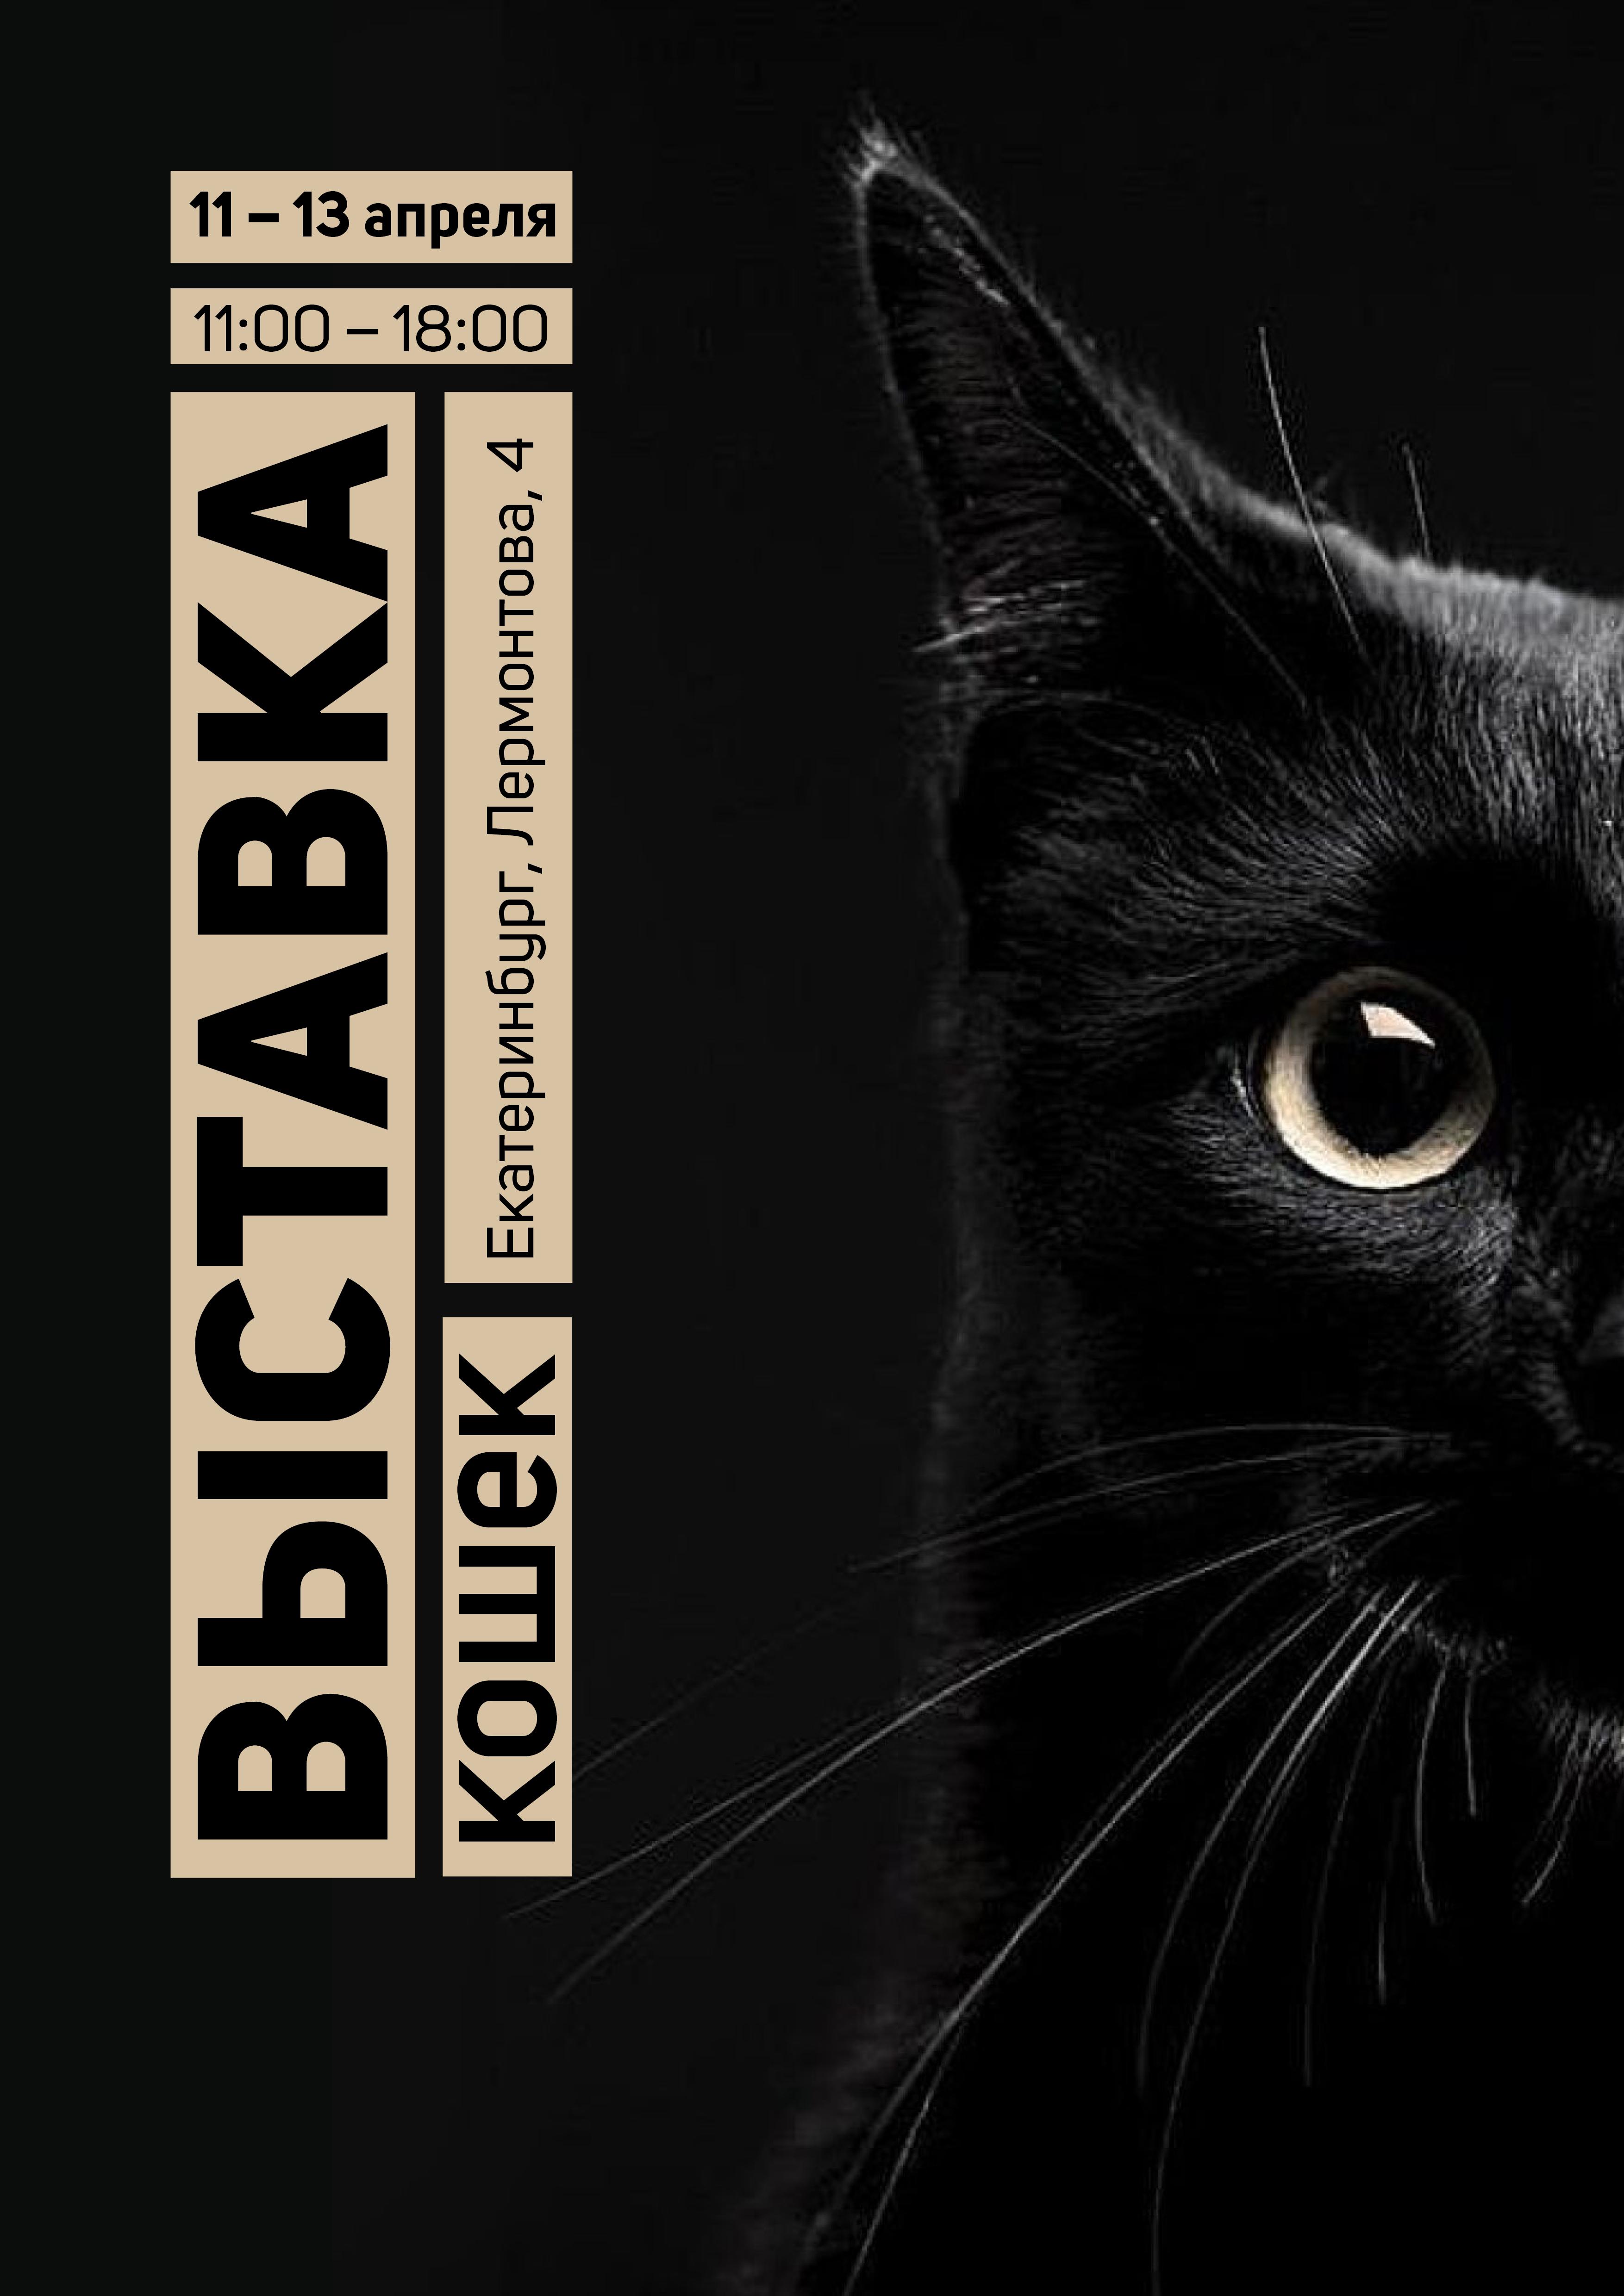 Выставка кошек. Екатеринбург. Дизайн и верстка плаката.